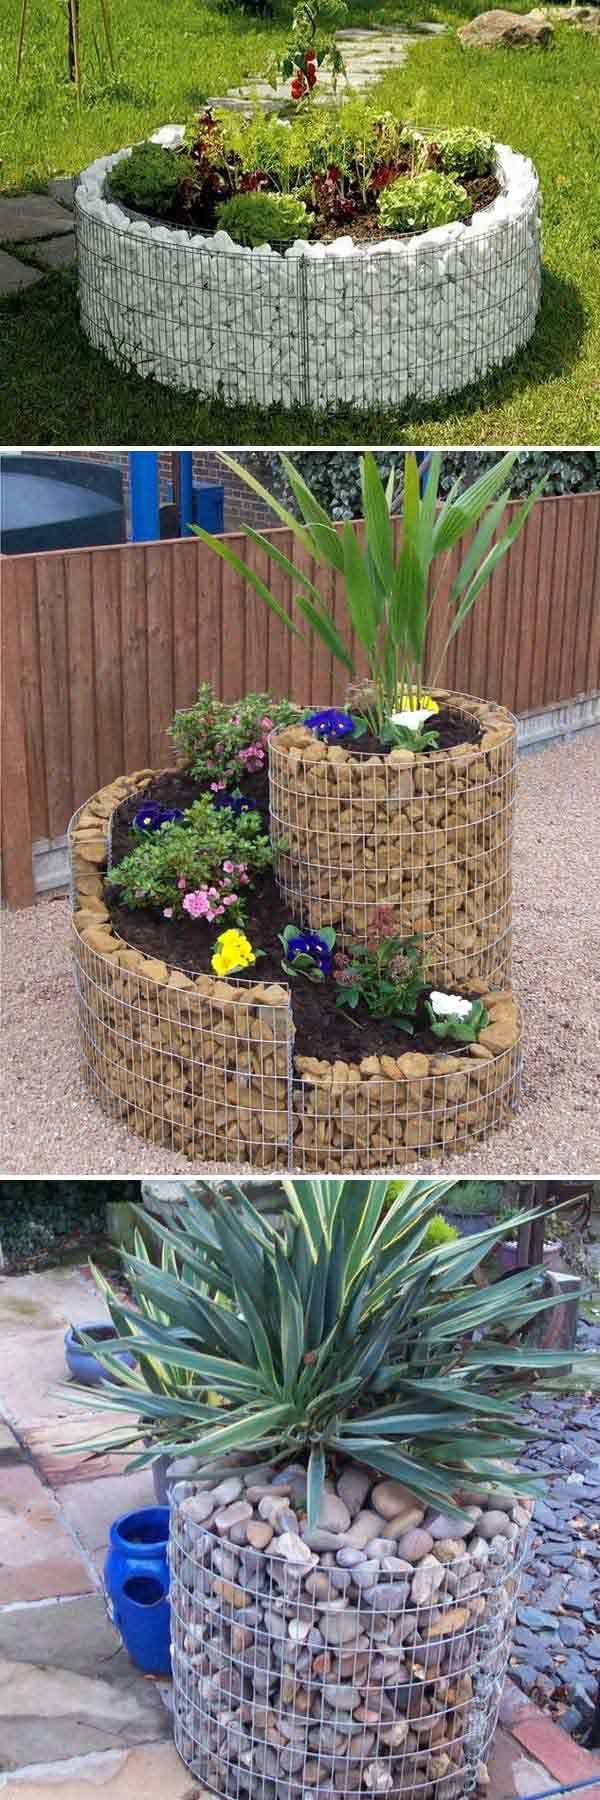 gaviones usados para formar hermosas jardineras hogartecnocasa decoratecnocasa patios. Black Bedroom Furniture Sets. Home Design Ideas